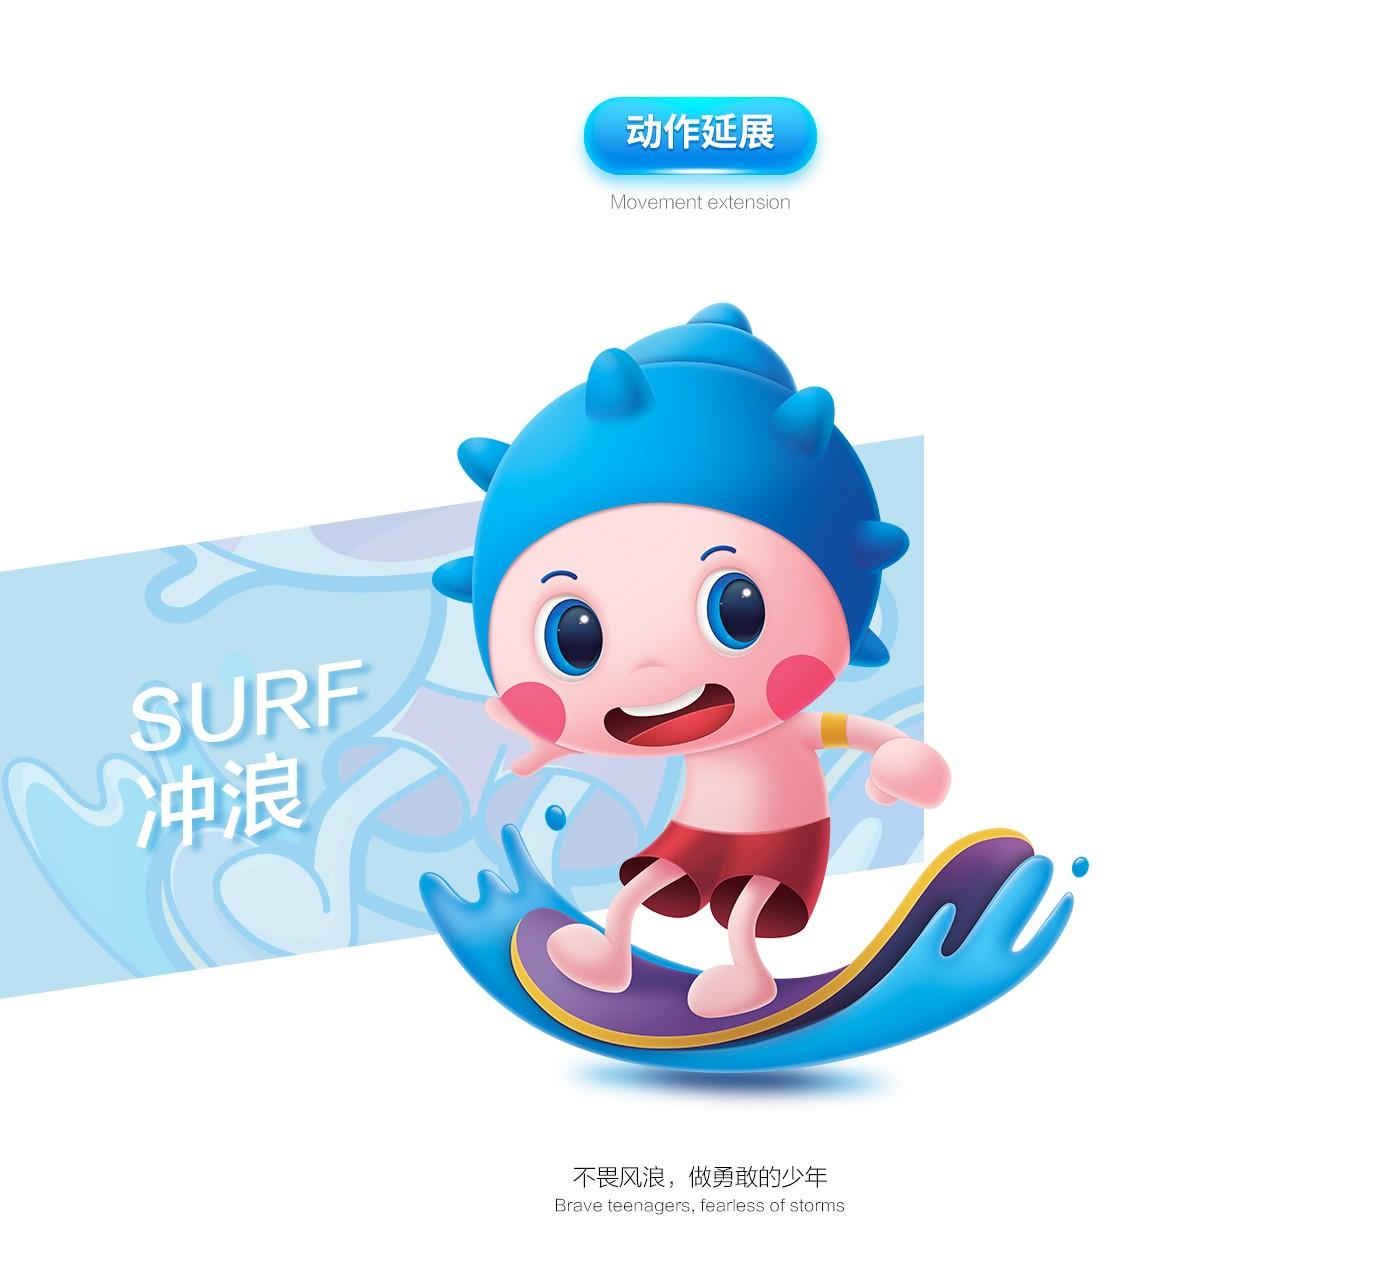 沙雕海洋樂園<a href='http://www.6bubu.com/service/katongxingxiang/' title='' style='color:;font-weight:bold'>吉祥物</a>08.jpg